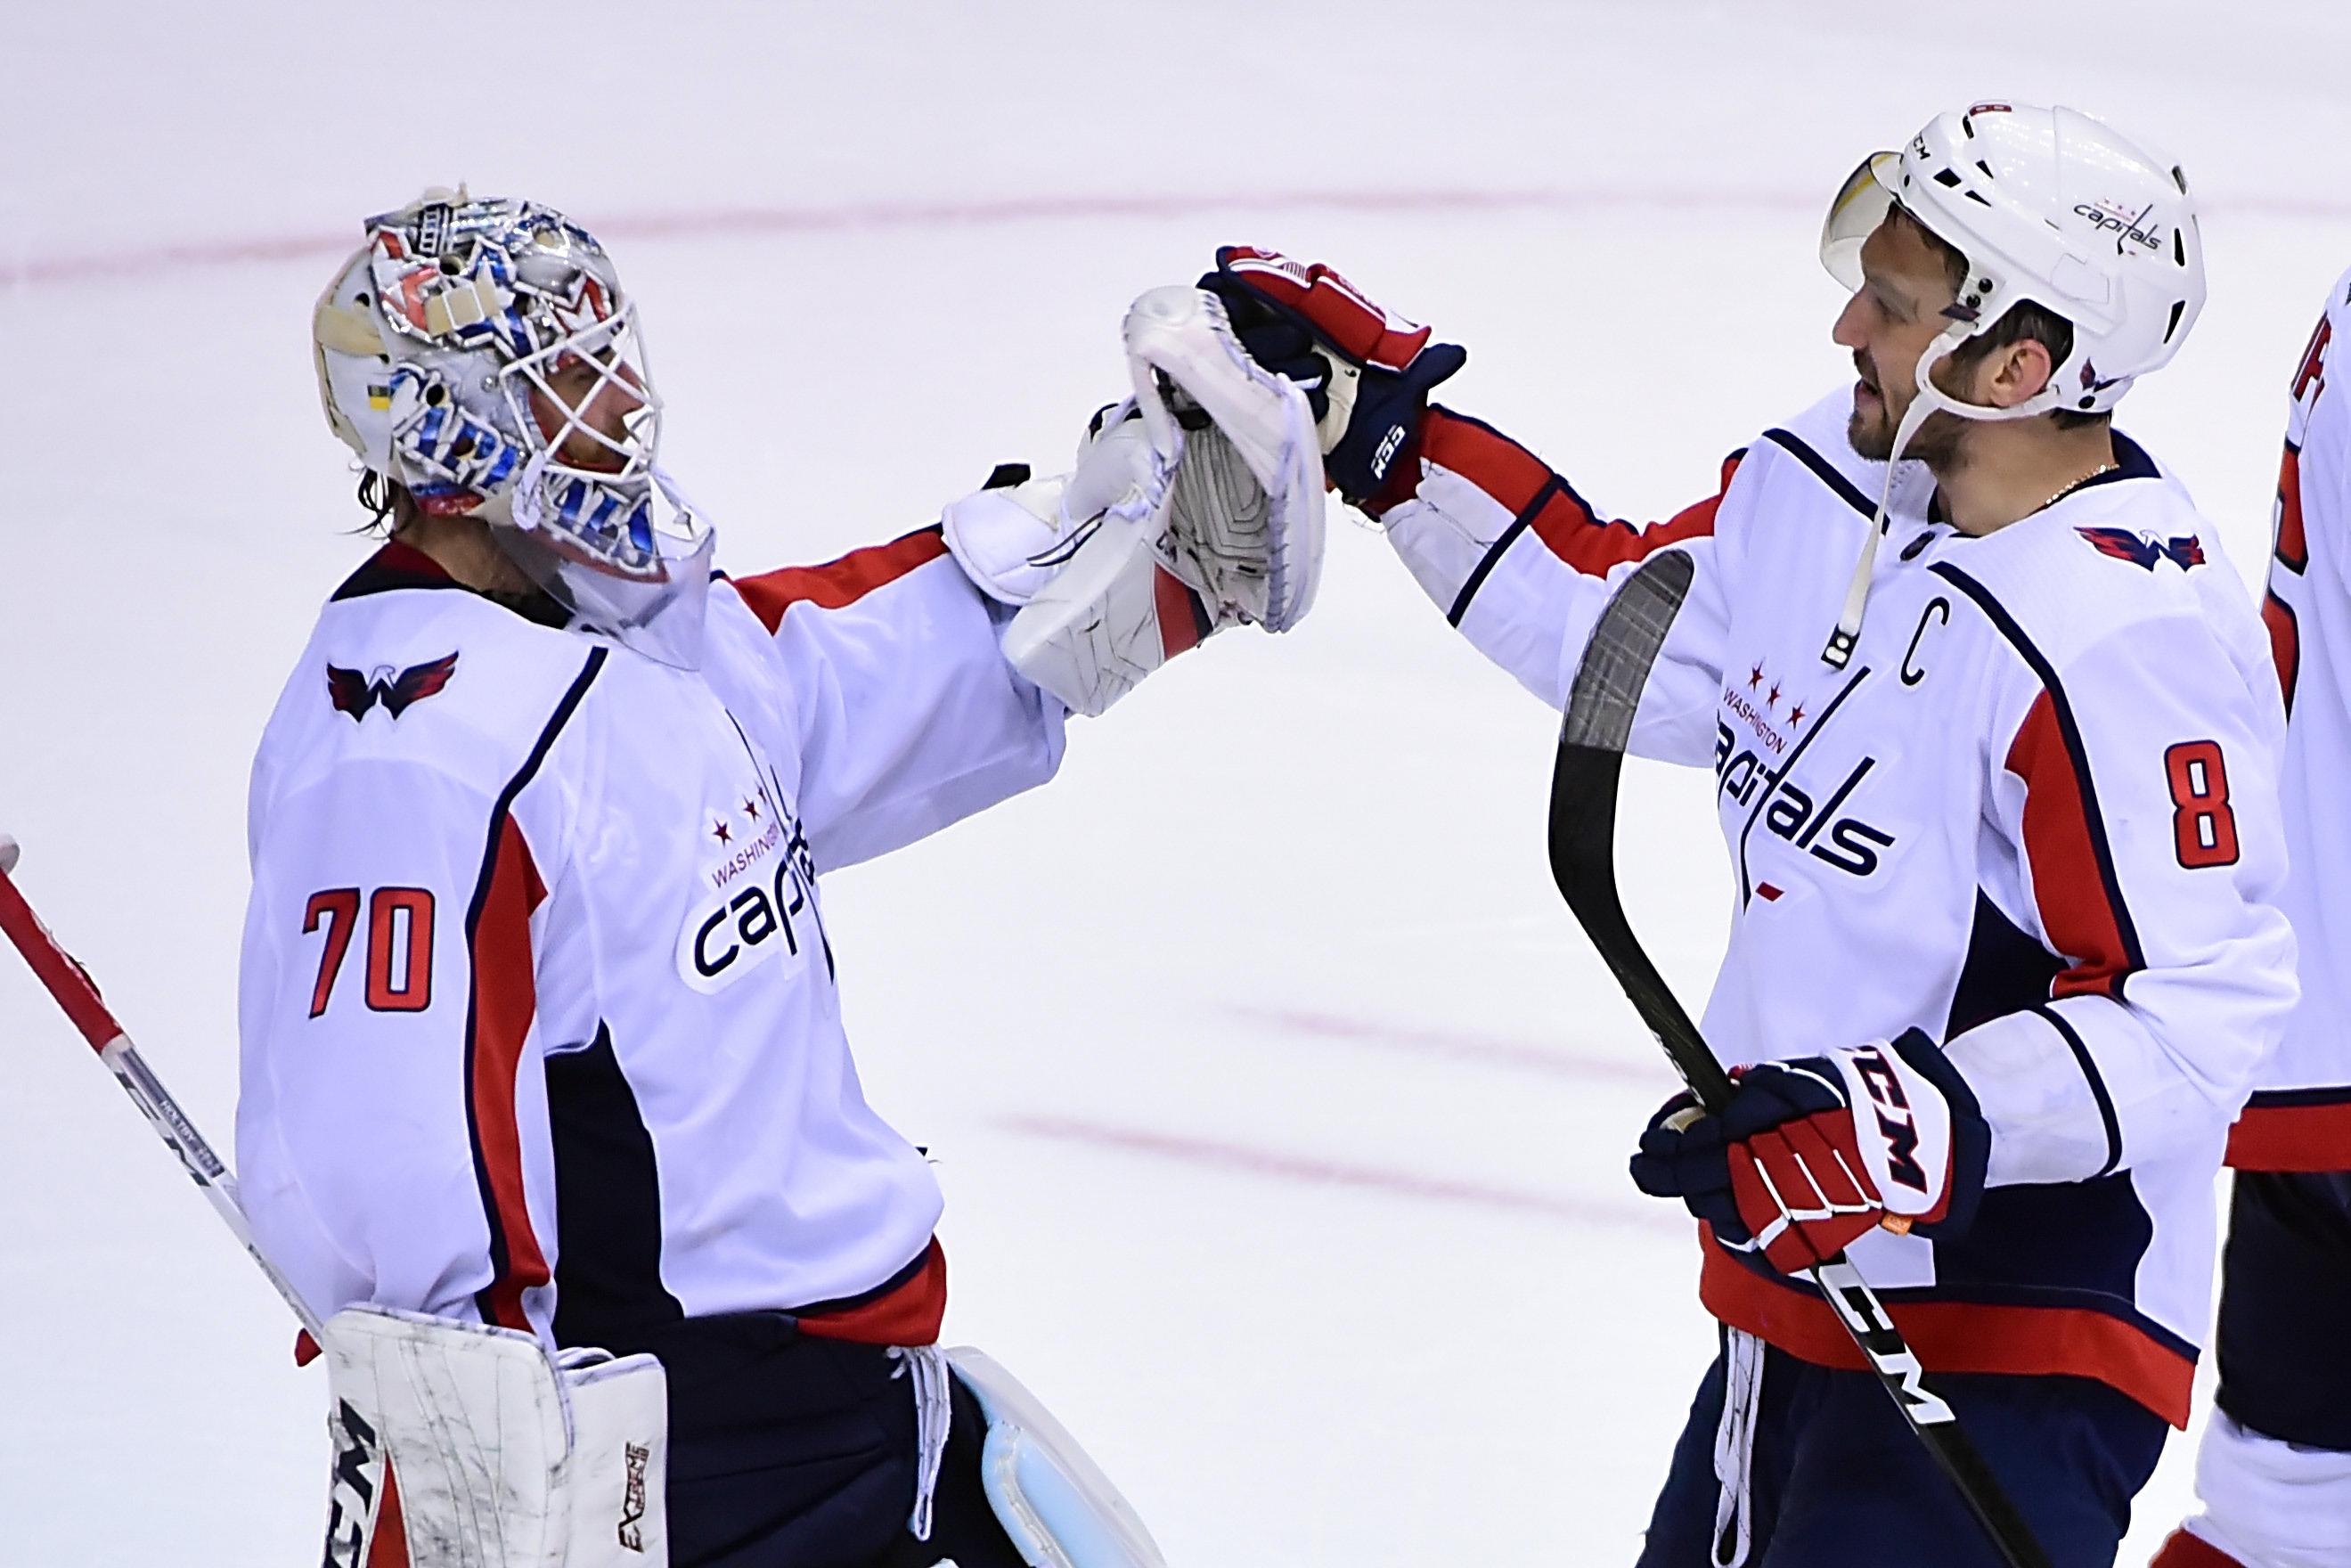 NHL: Washington Capitals at Vancouver Canucks